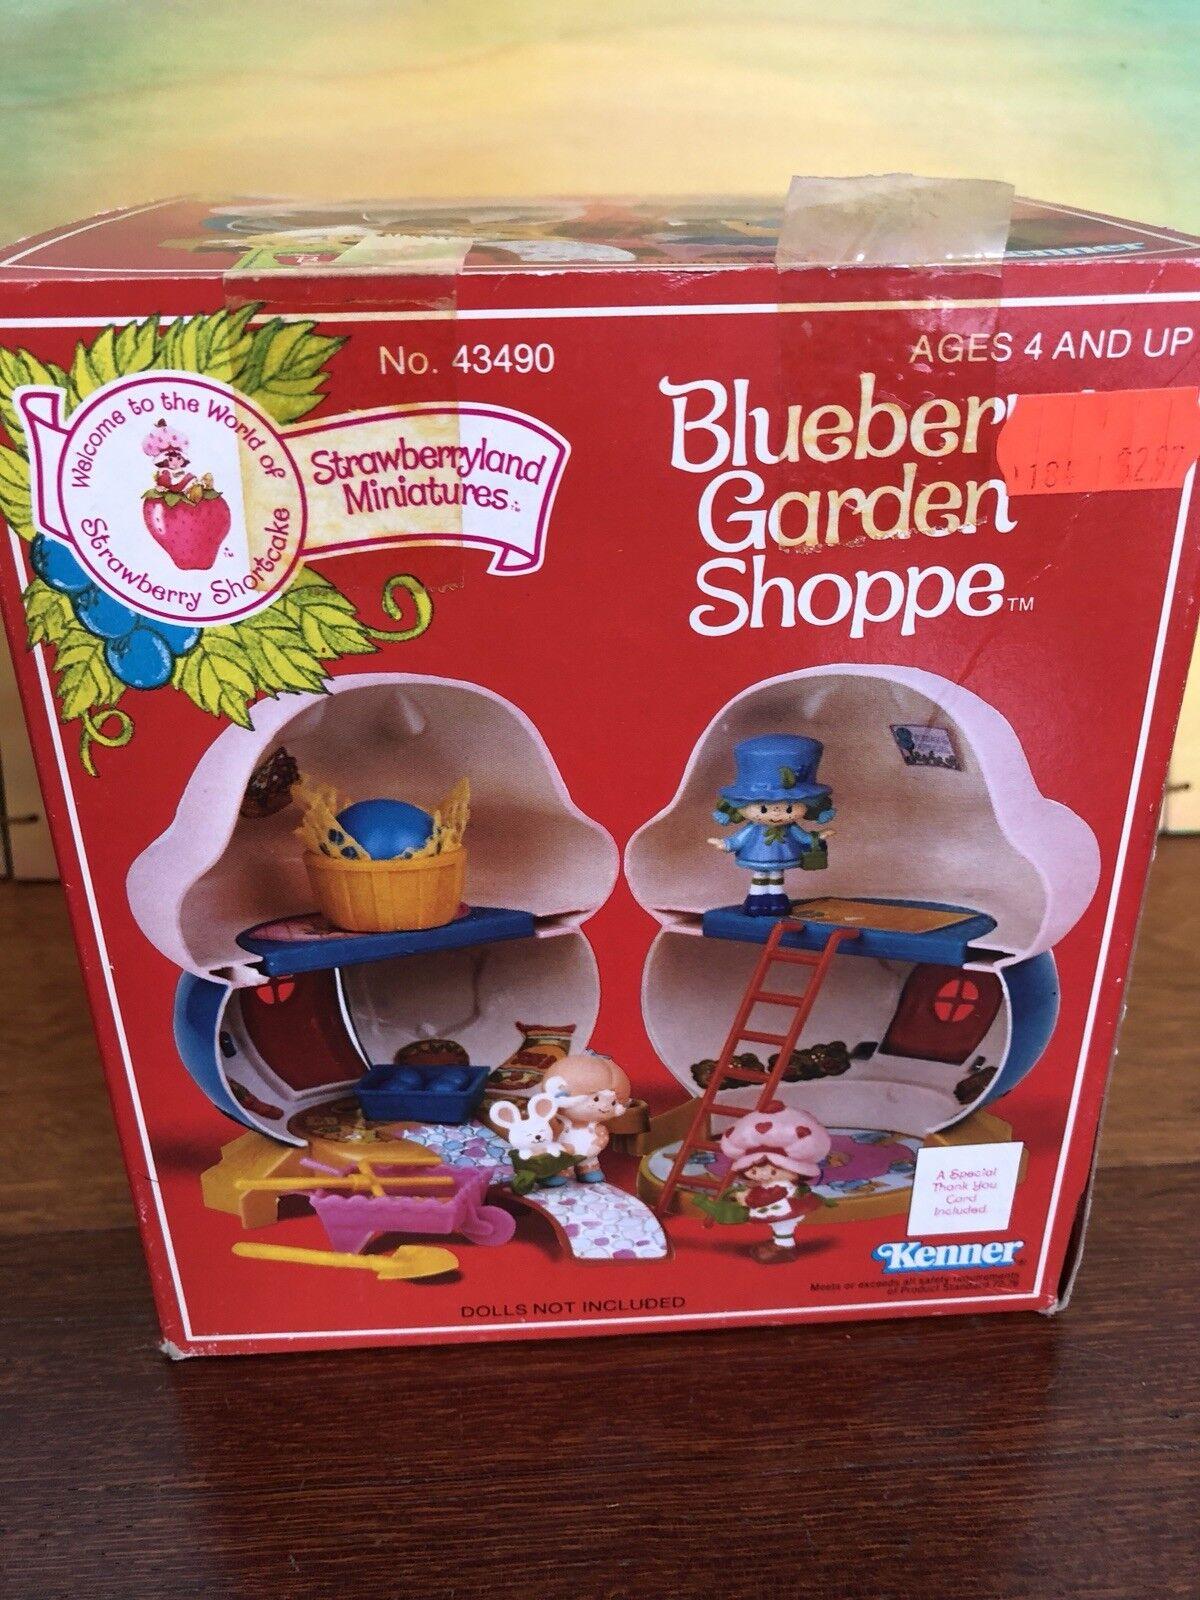 Strawberry Shortcake Vintage Arándano Jardín Shoppe Miniaturas Nuevo en Caja Original